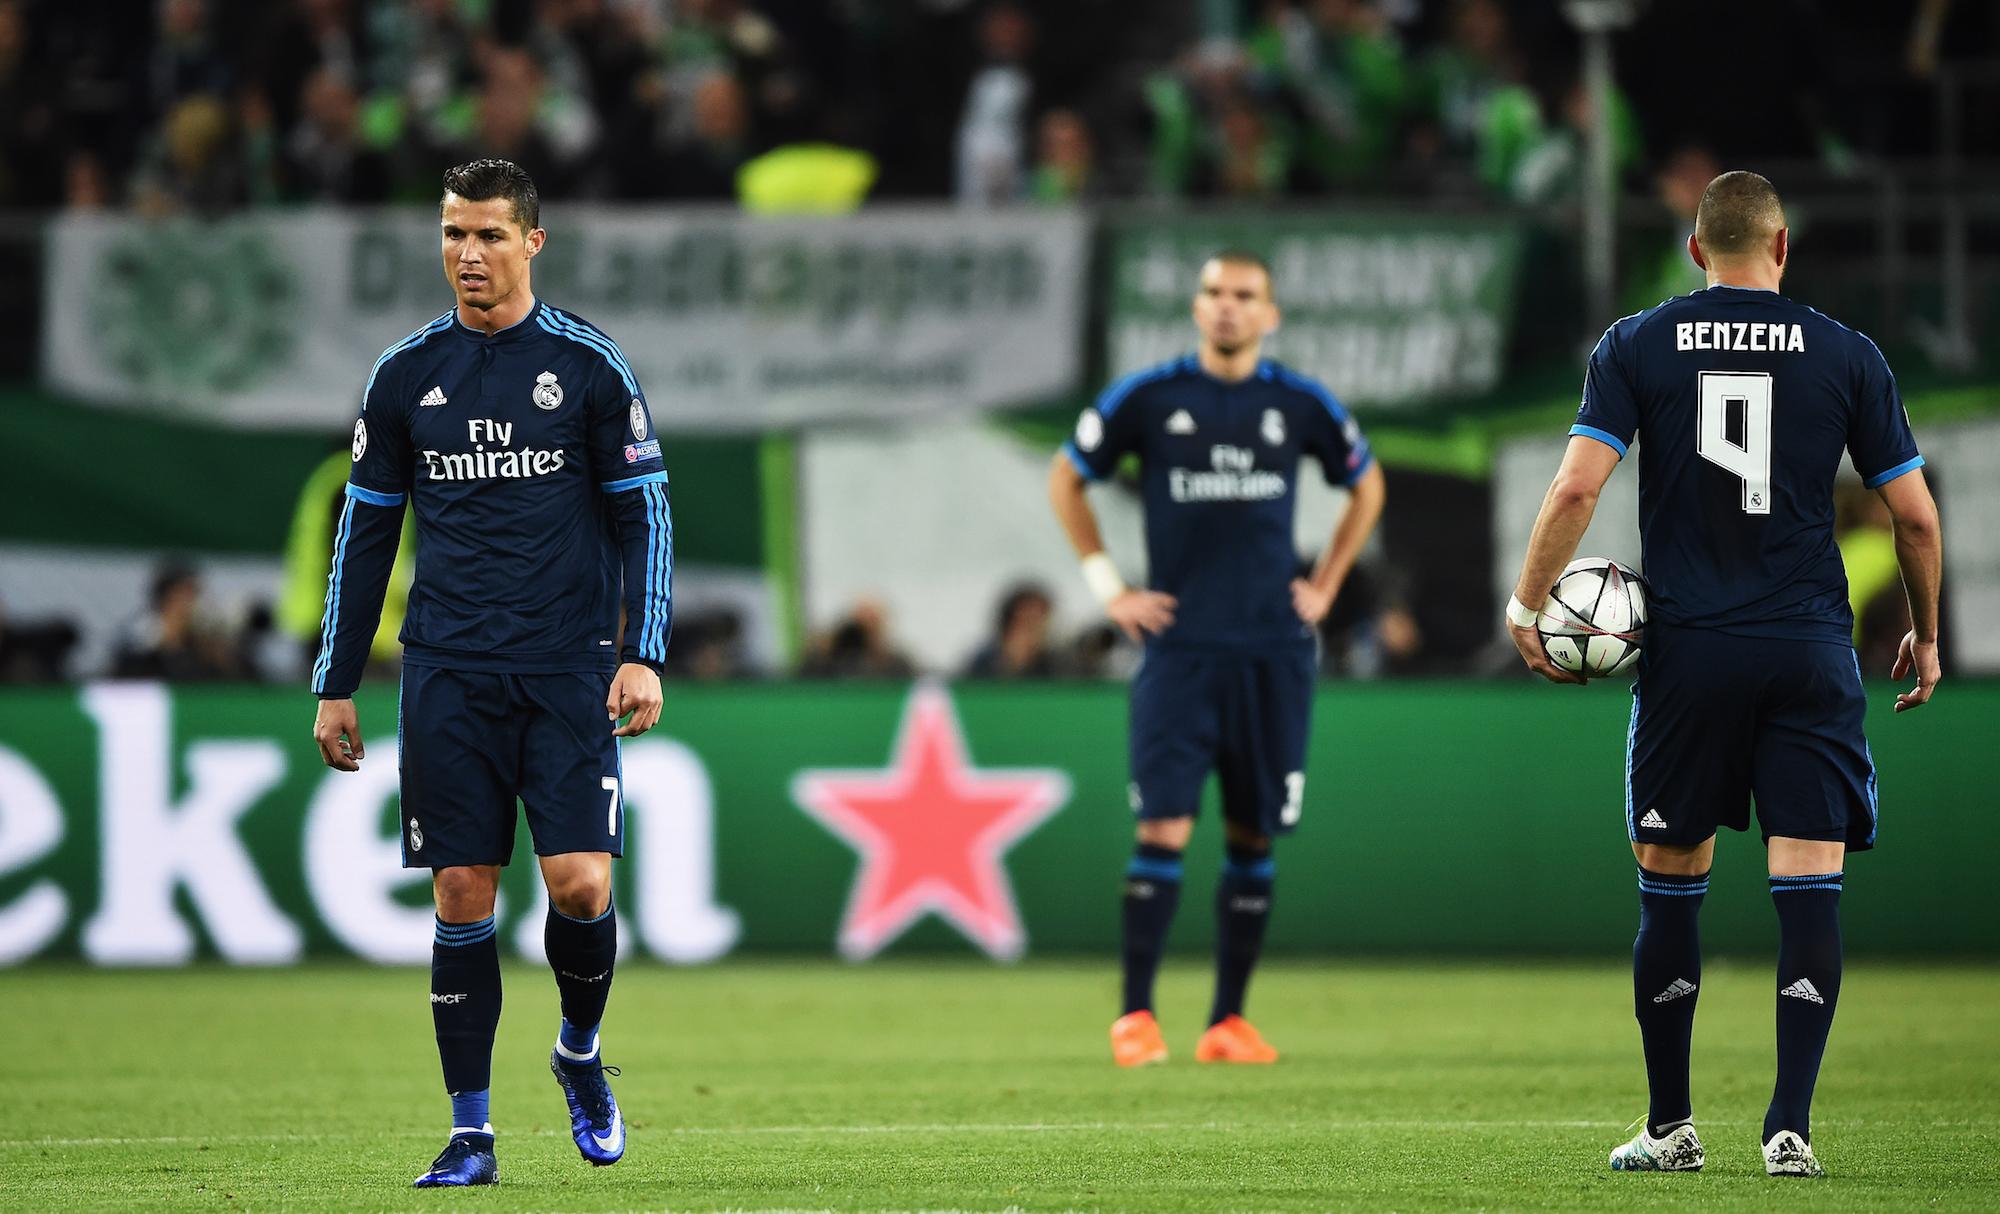 Un'immagine che trasmette bene lo spirito della serata madrilena a Wolfsburg